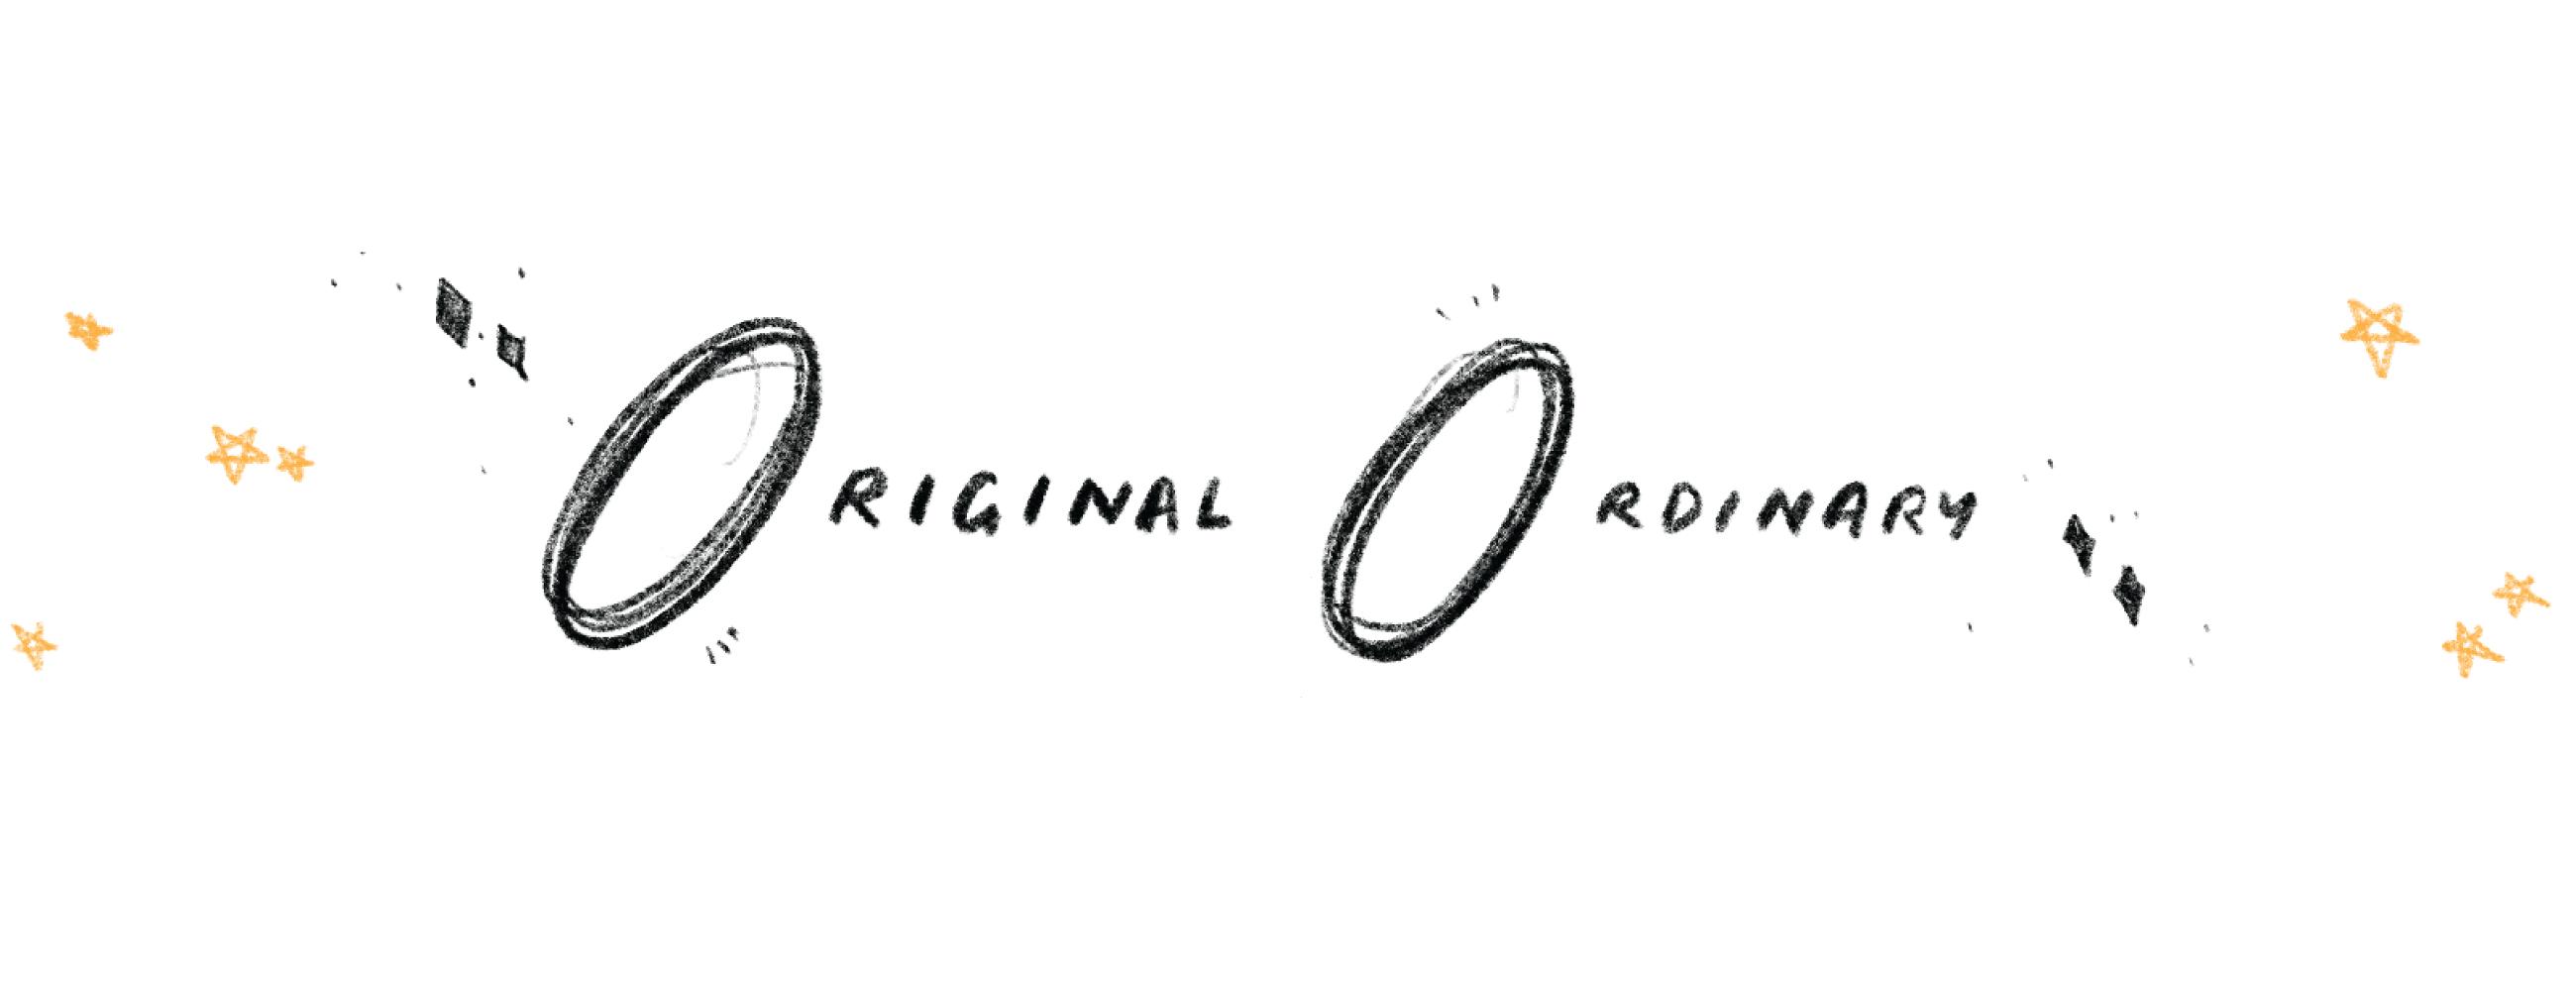 Original Ordinary